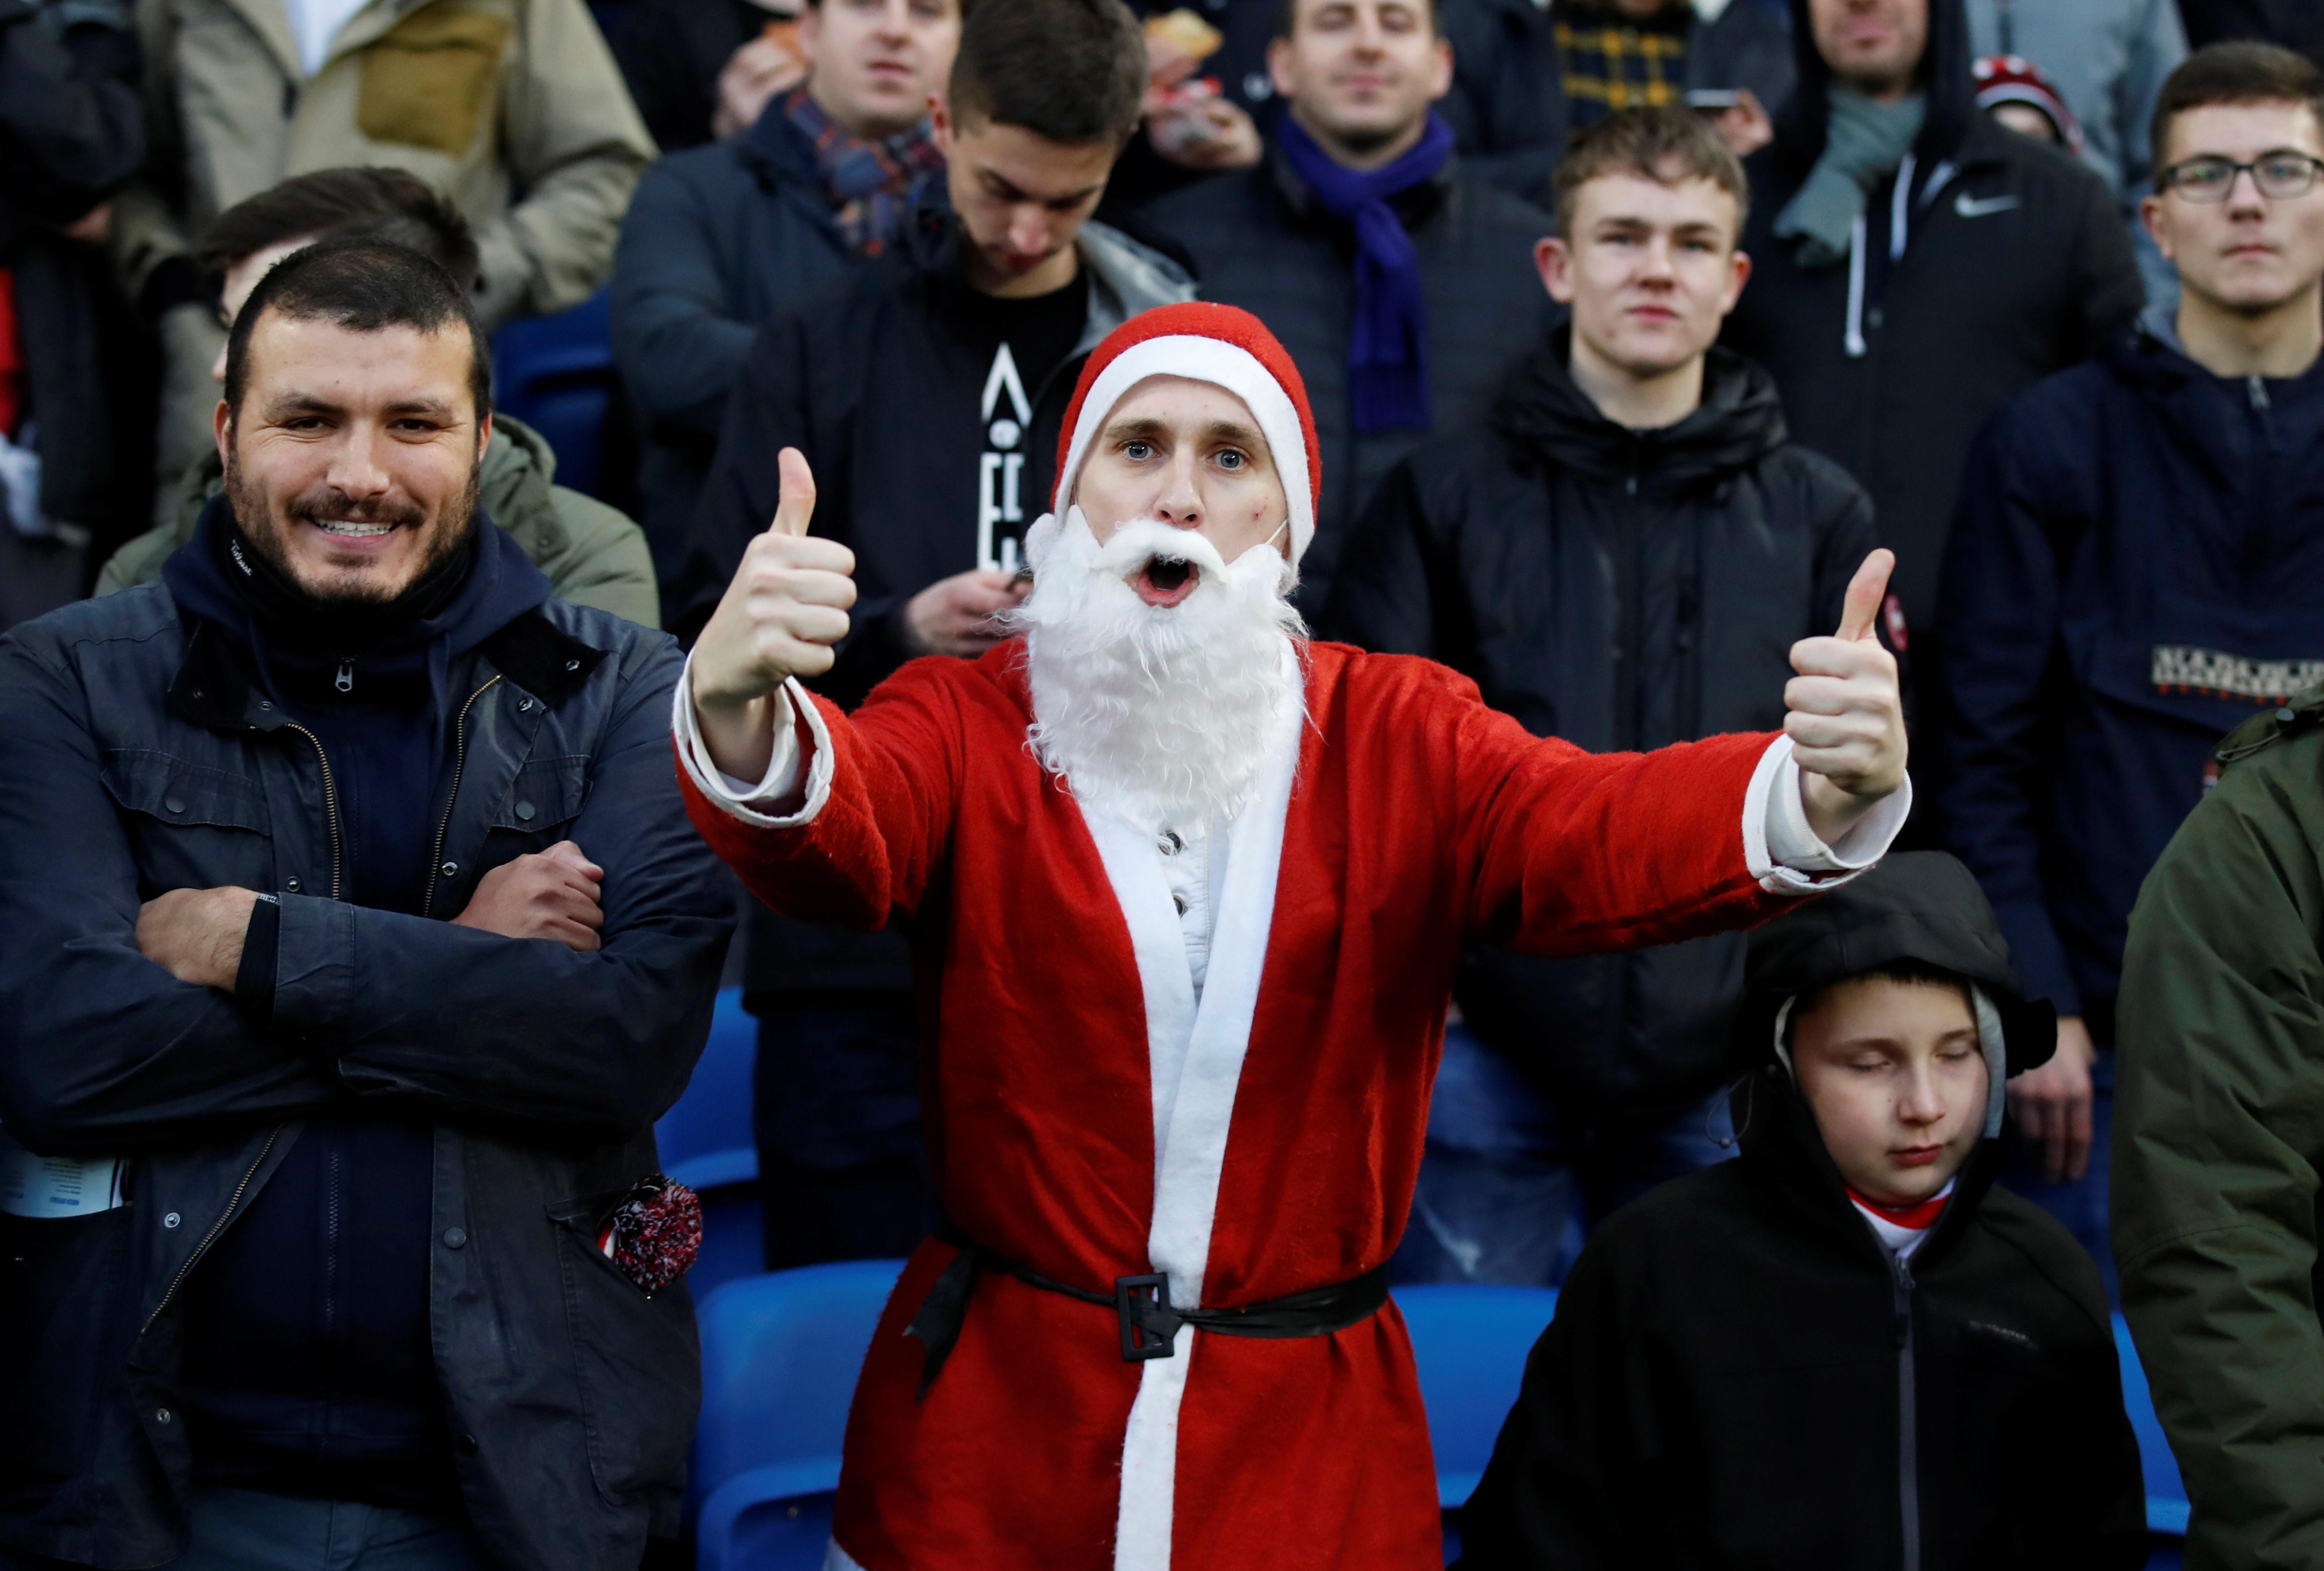 Un fan de Brighton & Hove Albion posa vestido como Santa Claus antes del partido (Reuters/ David Klein)